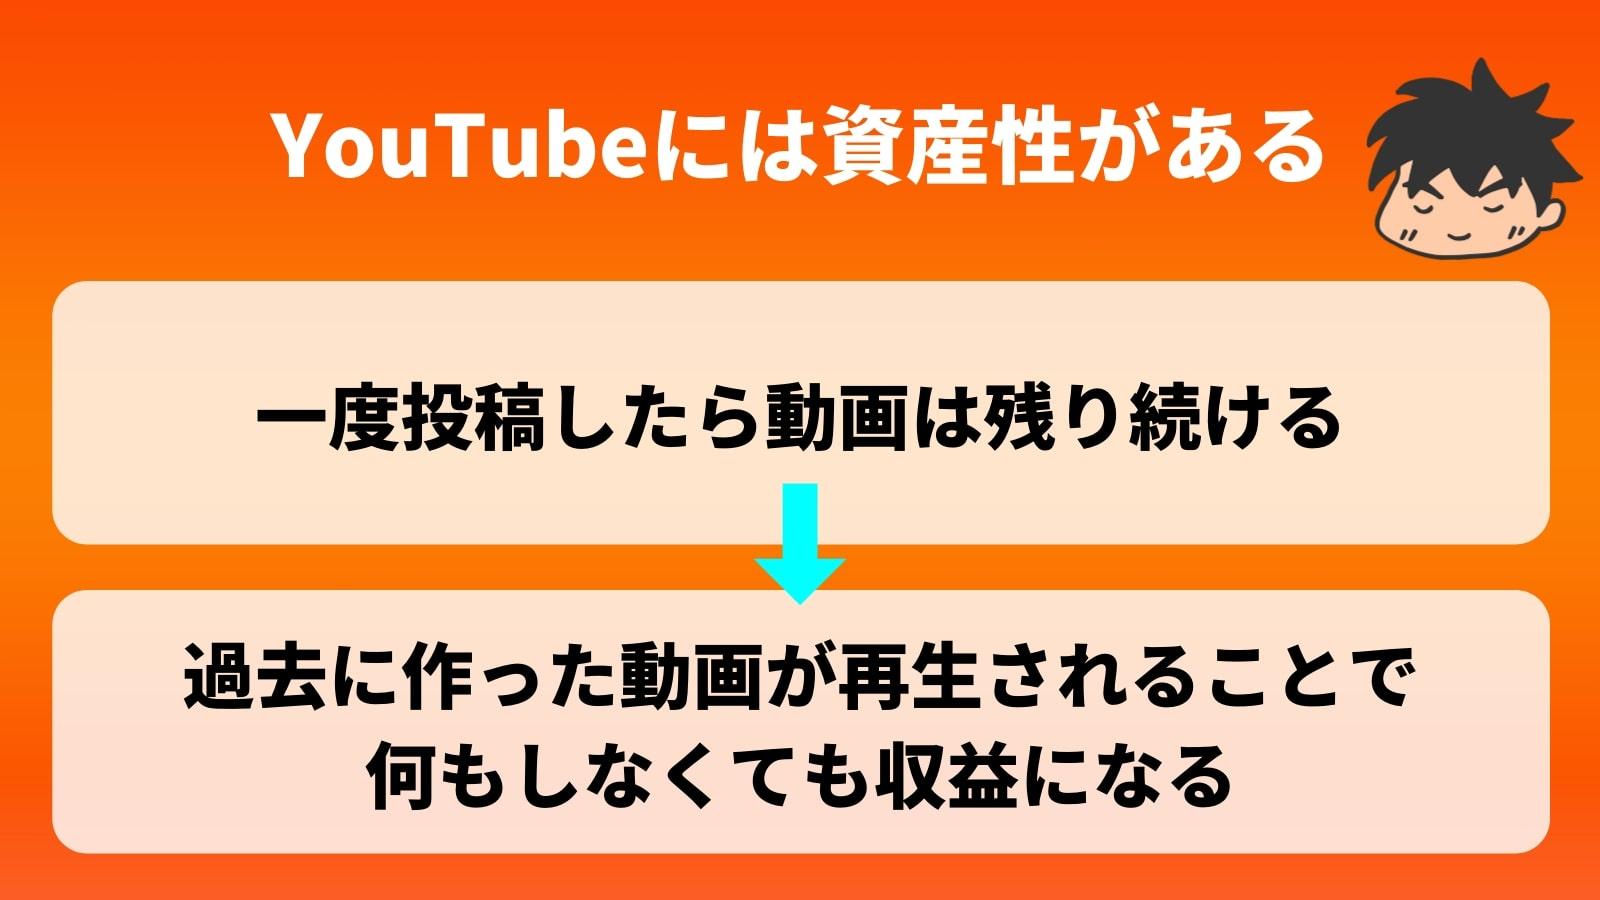 YouTubeには資産性がある